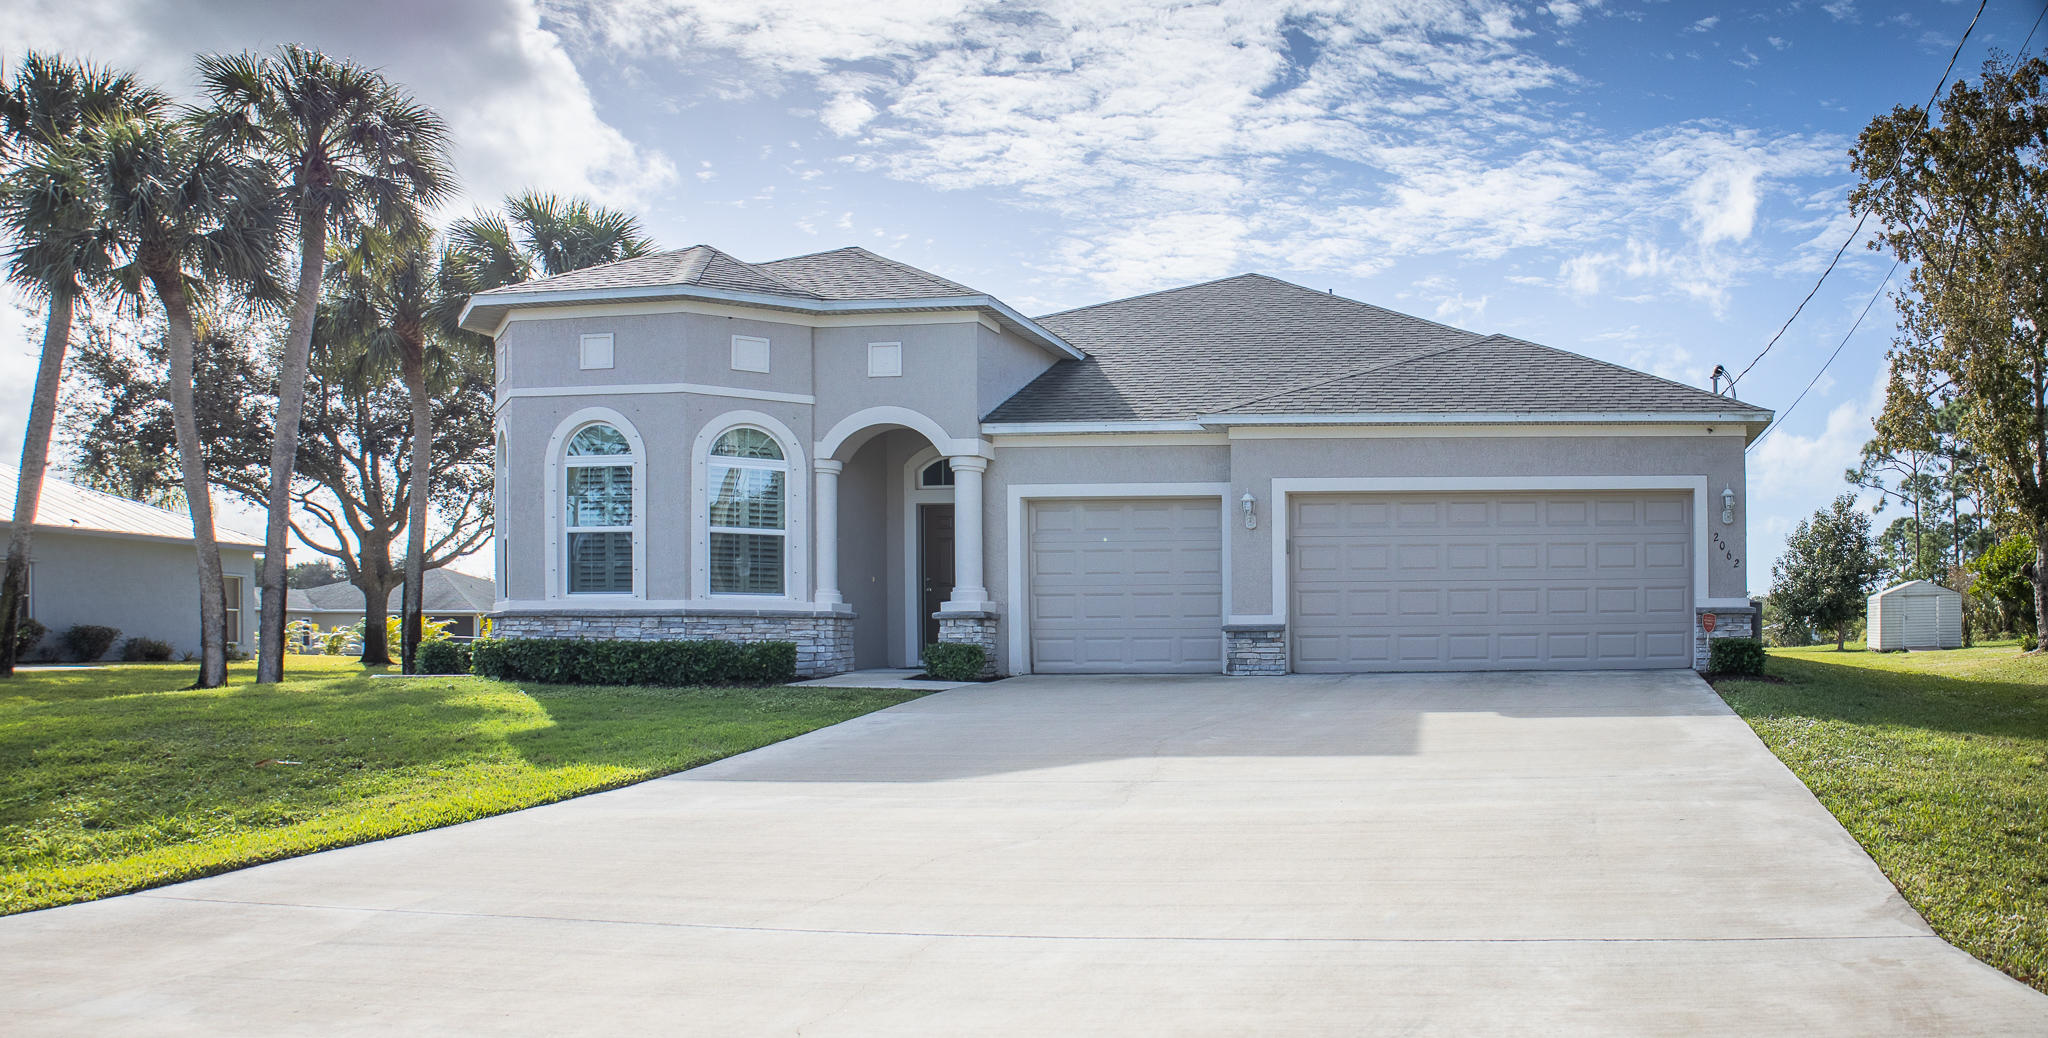 2062 Sw Justison Avenue, Port Saint Lucie, FL 34953